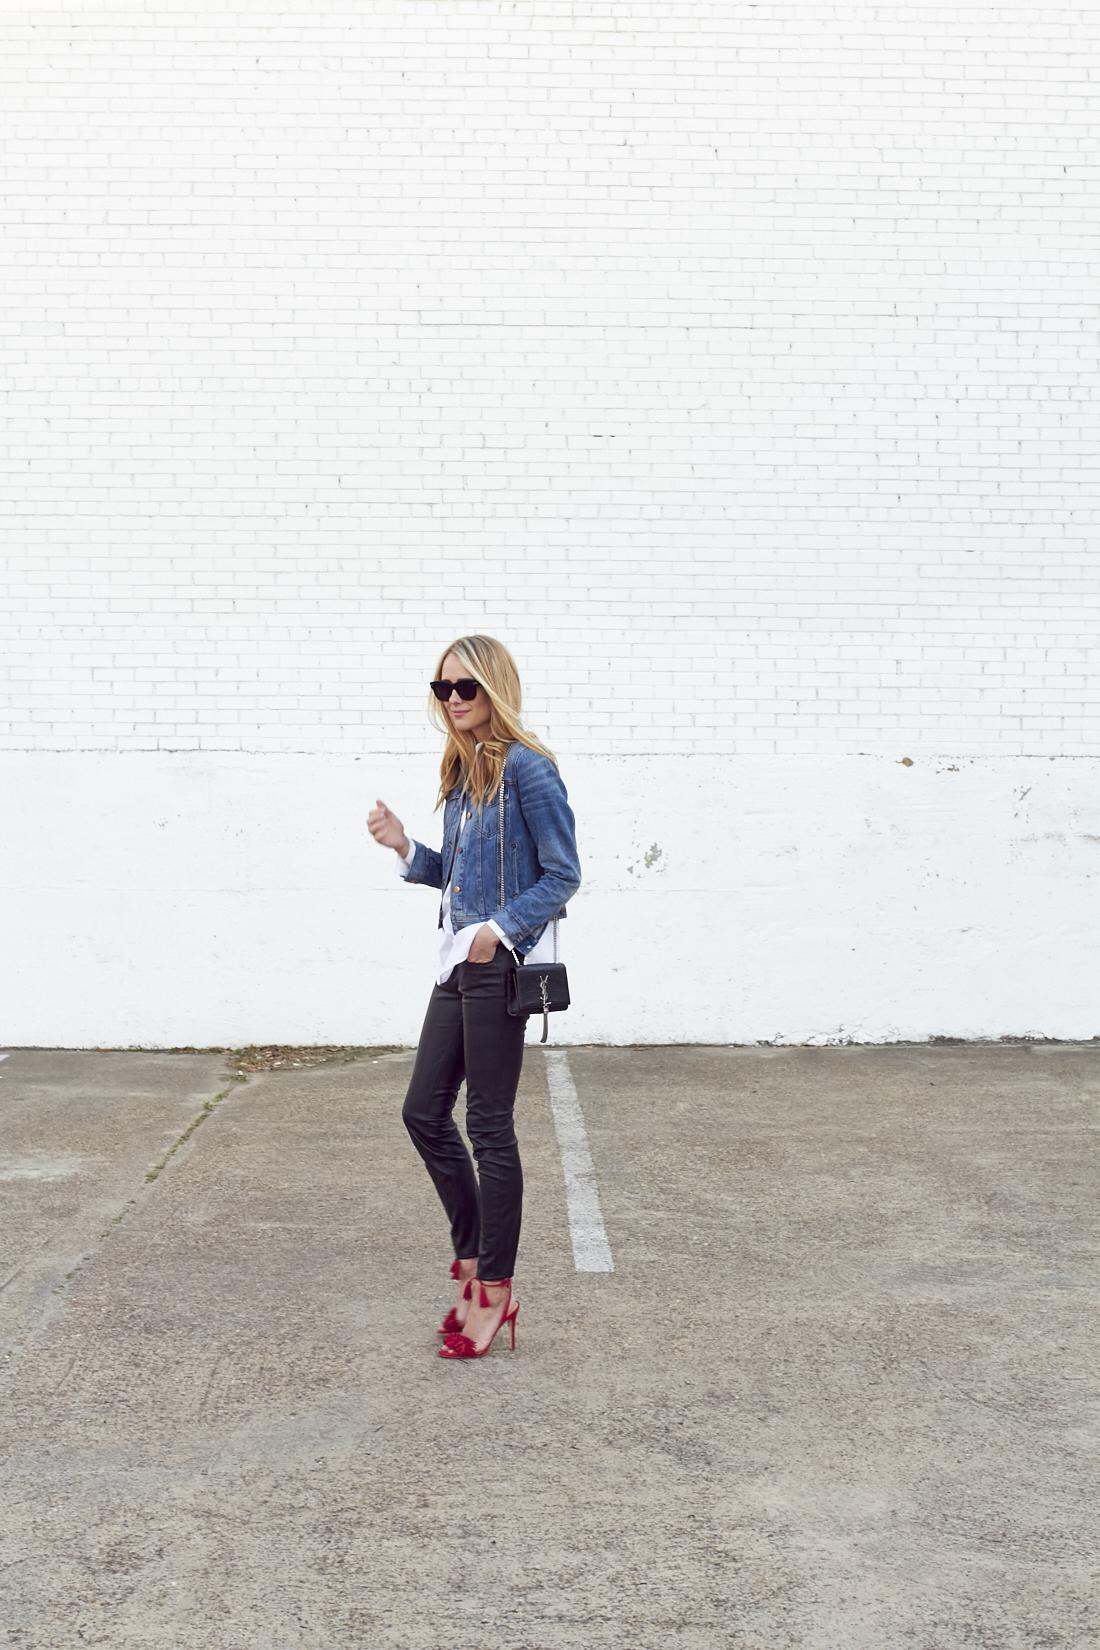 fashion-jackson-denim-jacket-red-fringe-heels-black-faux-leather-pants